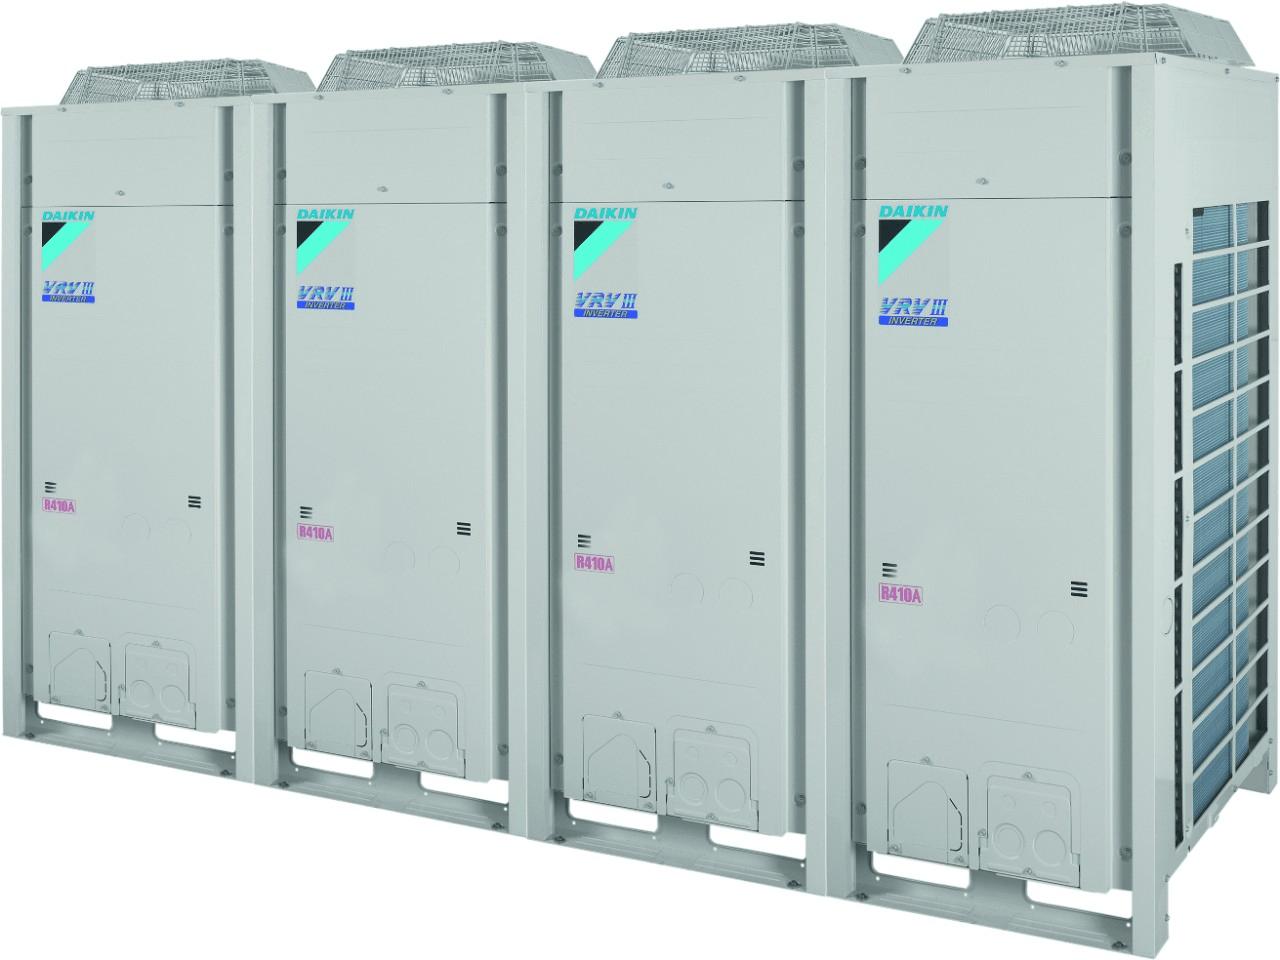 Daikin VRV pentru inlocuire, recuperarea caldurii RQCEQ-P3 (5)